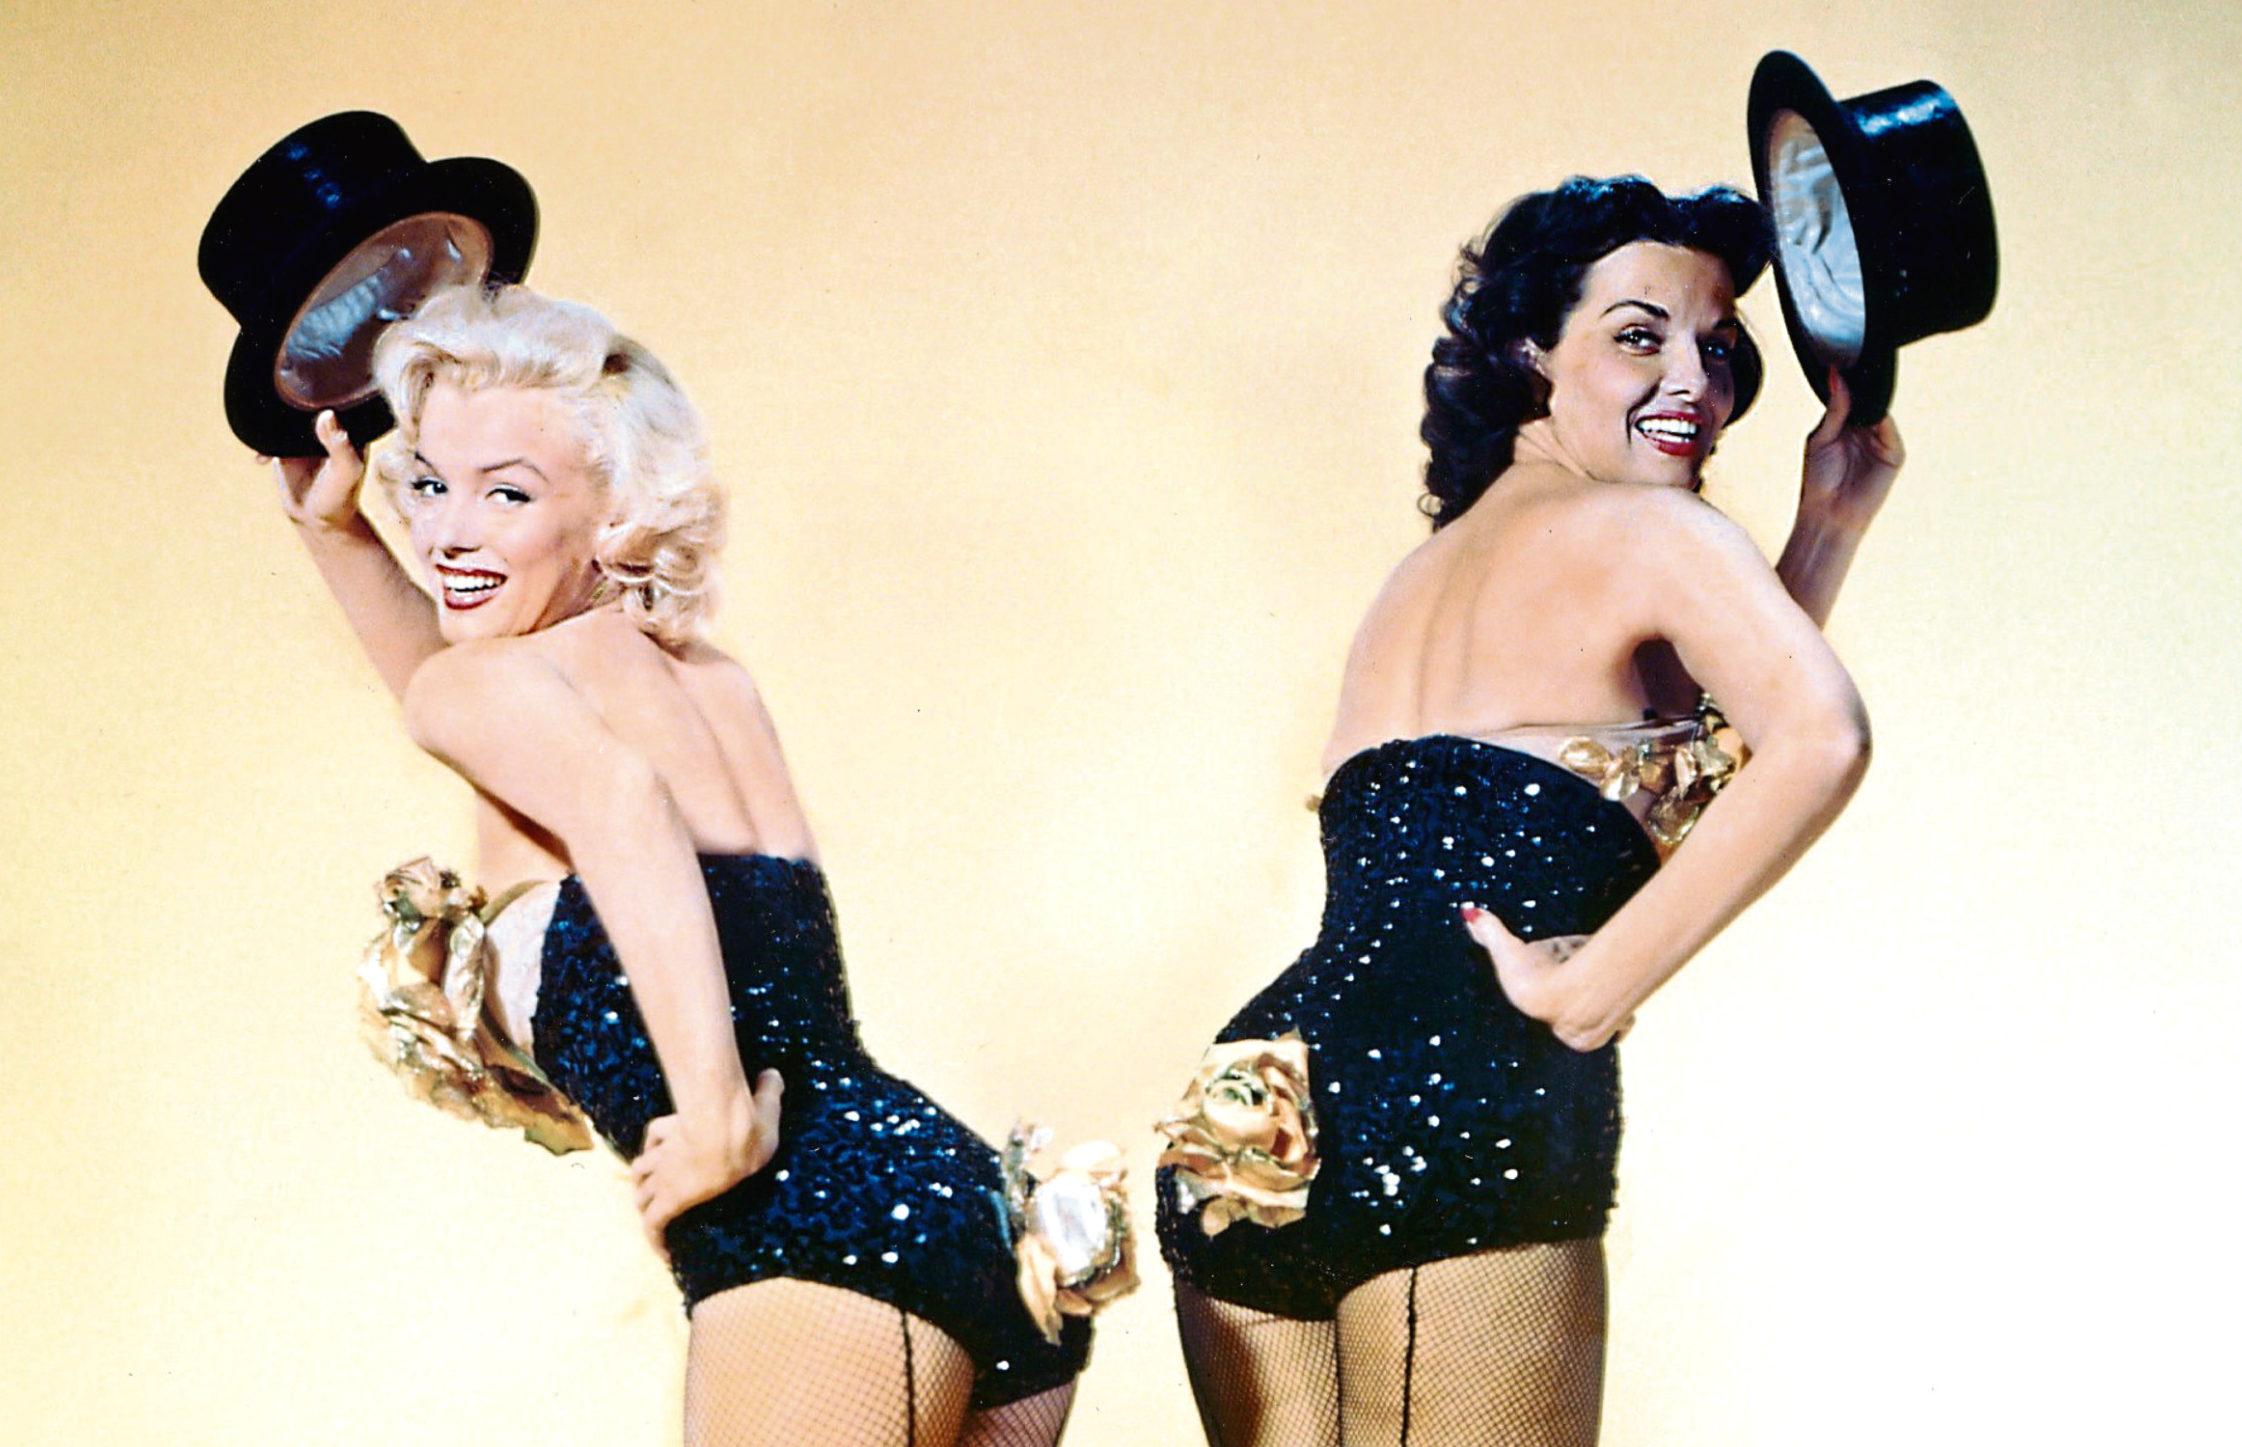 Marilyn Monroe and Jane Russell in Gentlemen Prefer Blondes, 1953